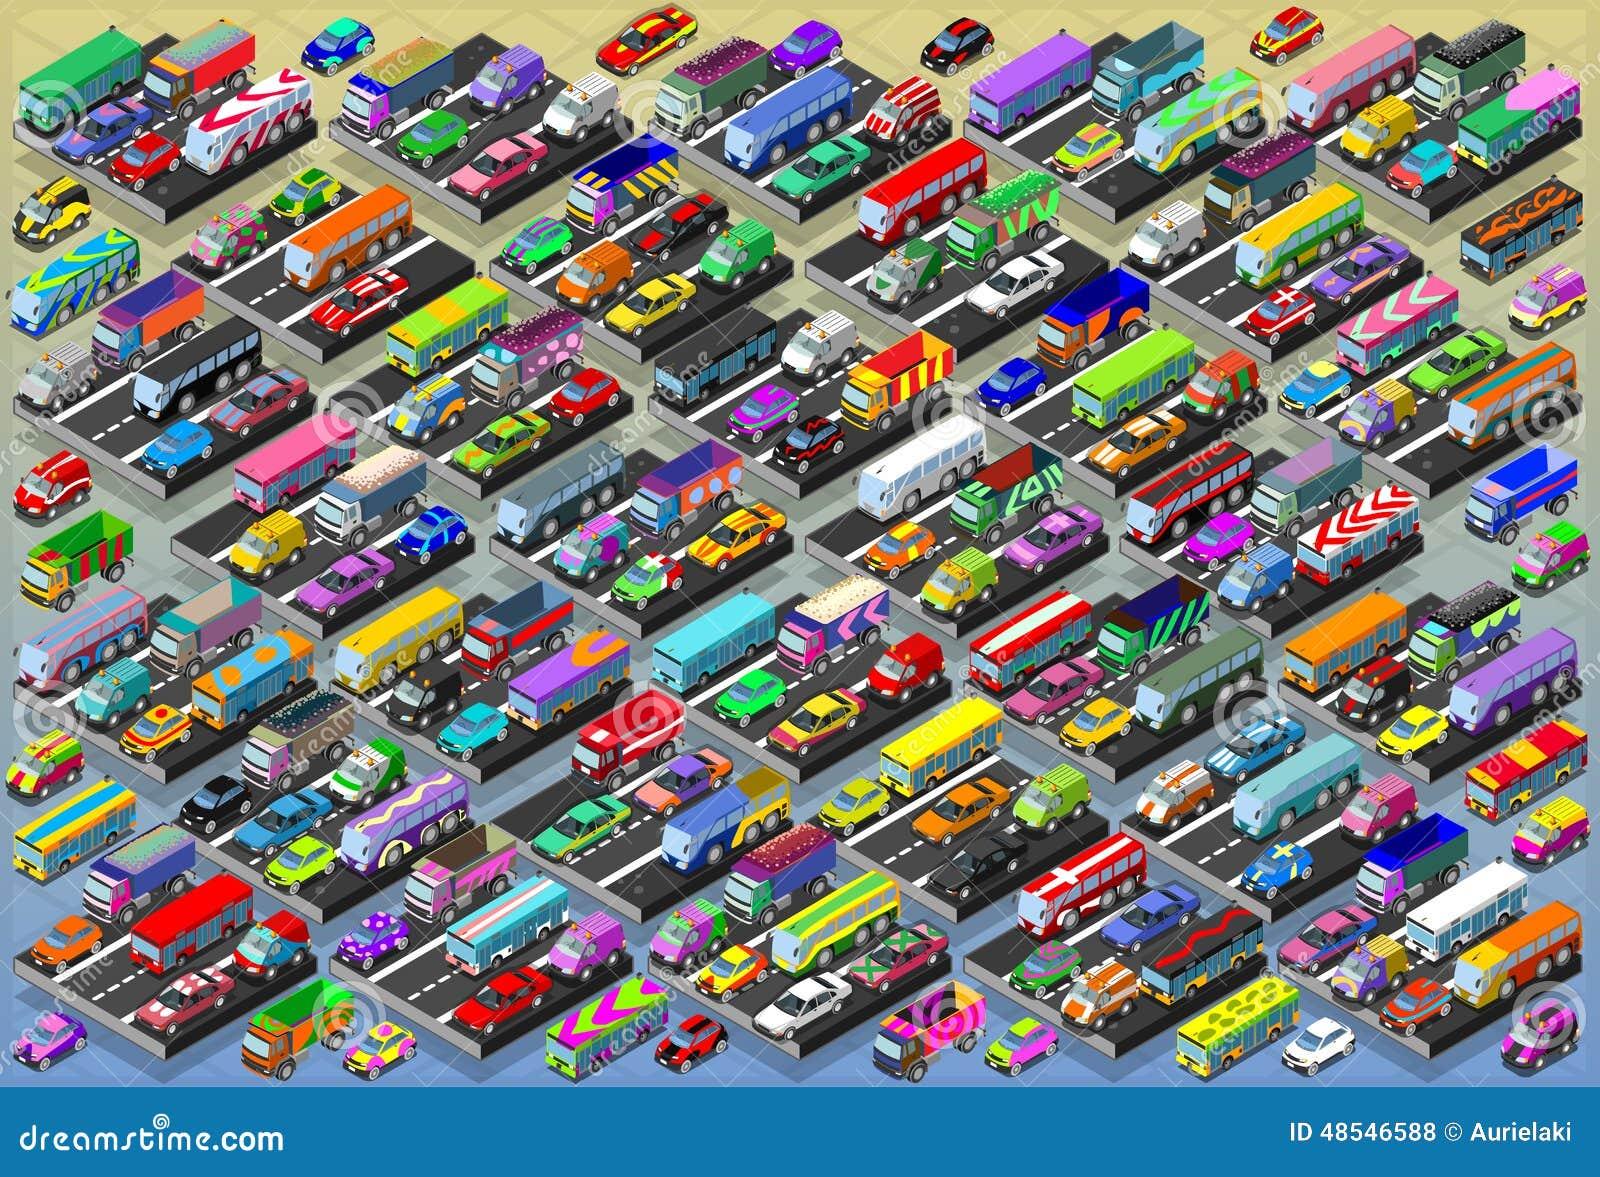 Coches isométricos, autobuses, camiones, furgonetas, colección mega toda adentro